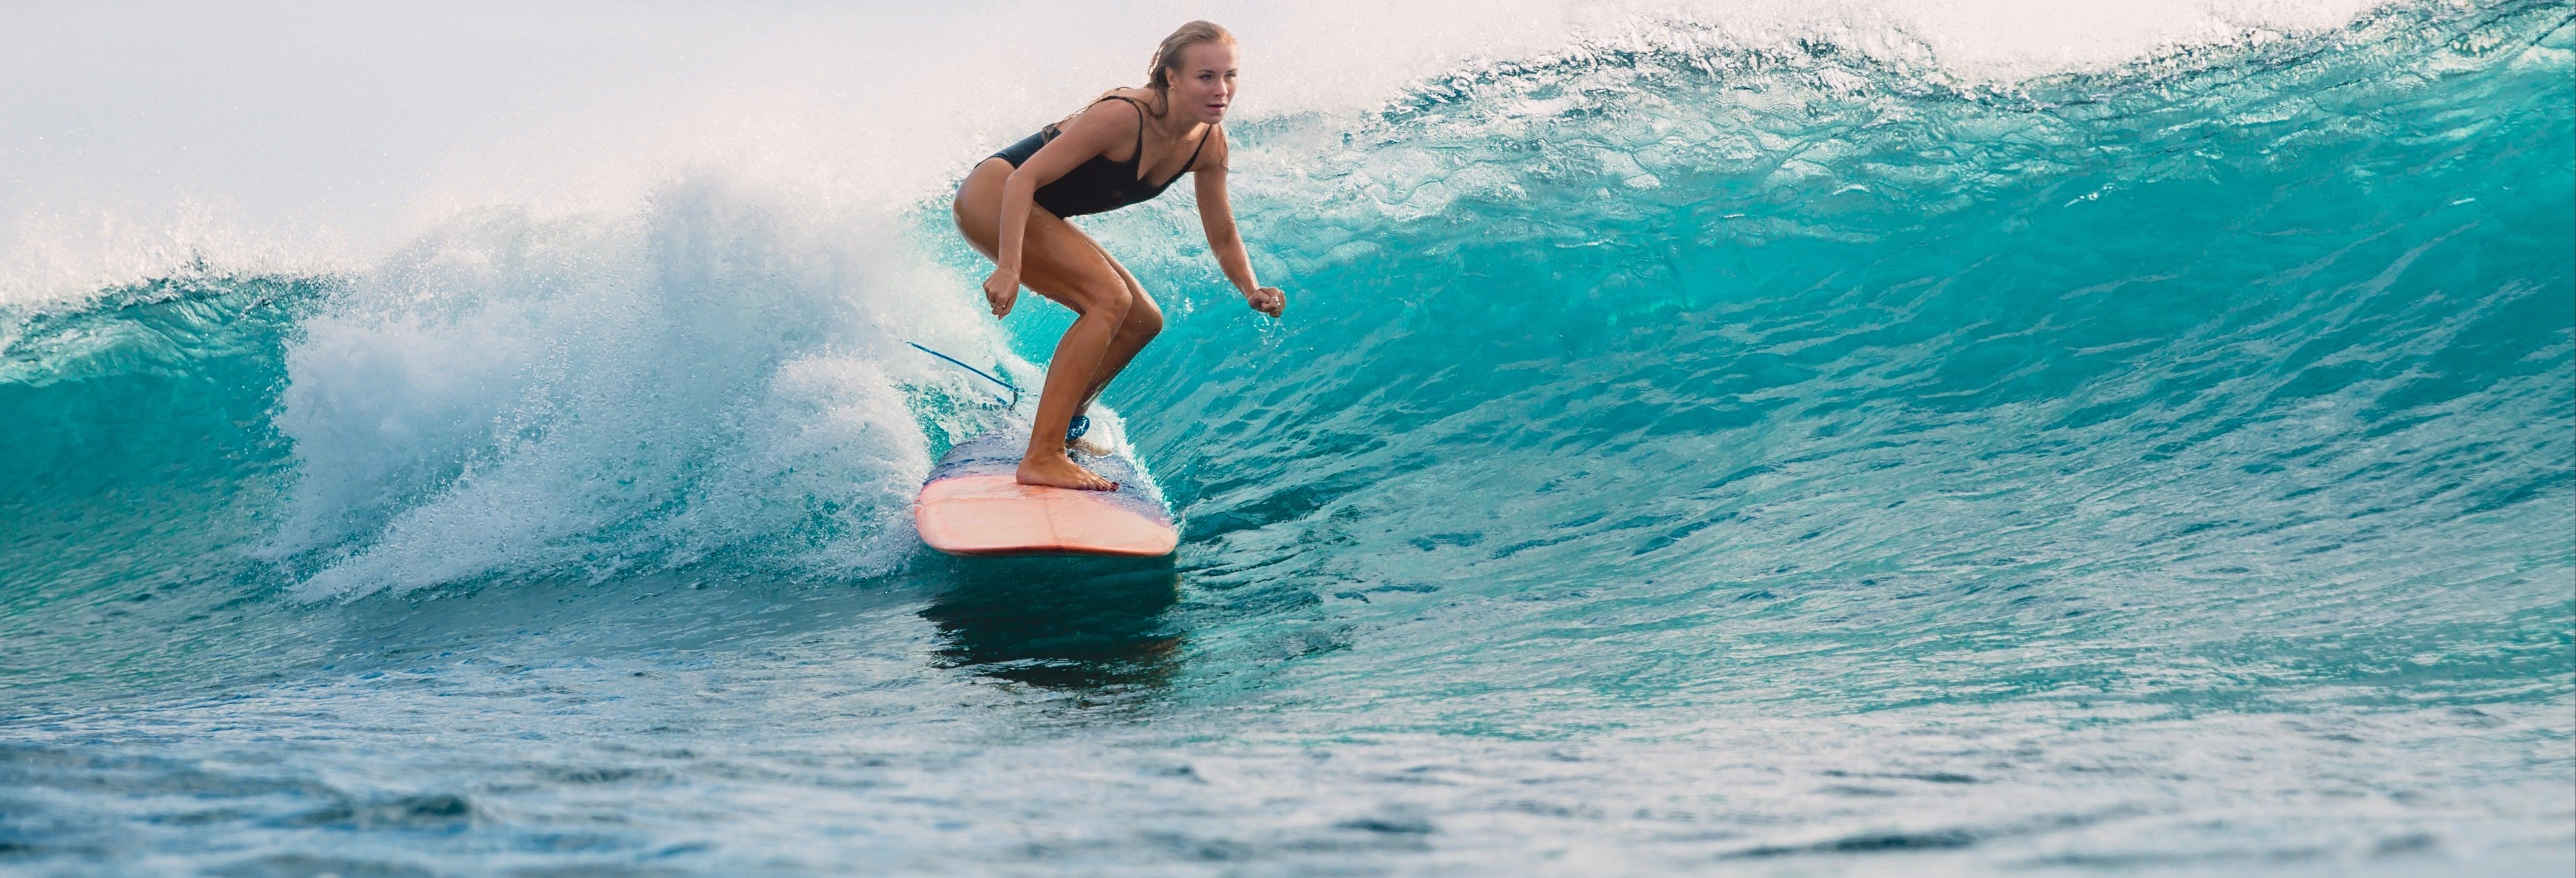 Aula de surfe em Esposende